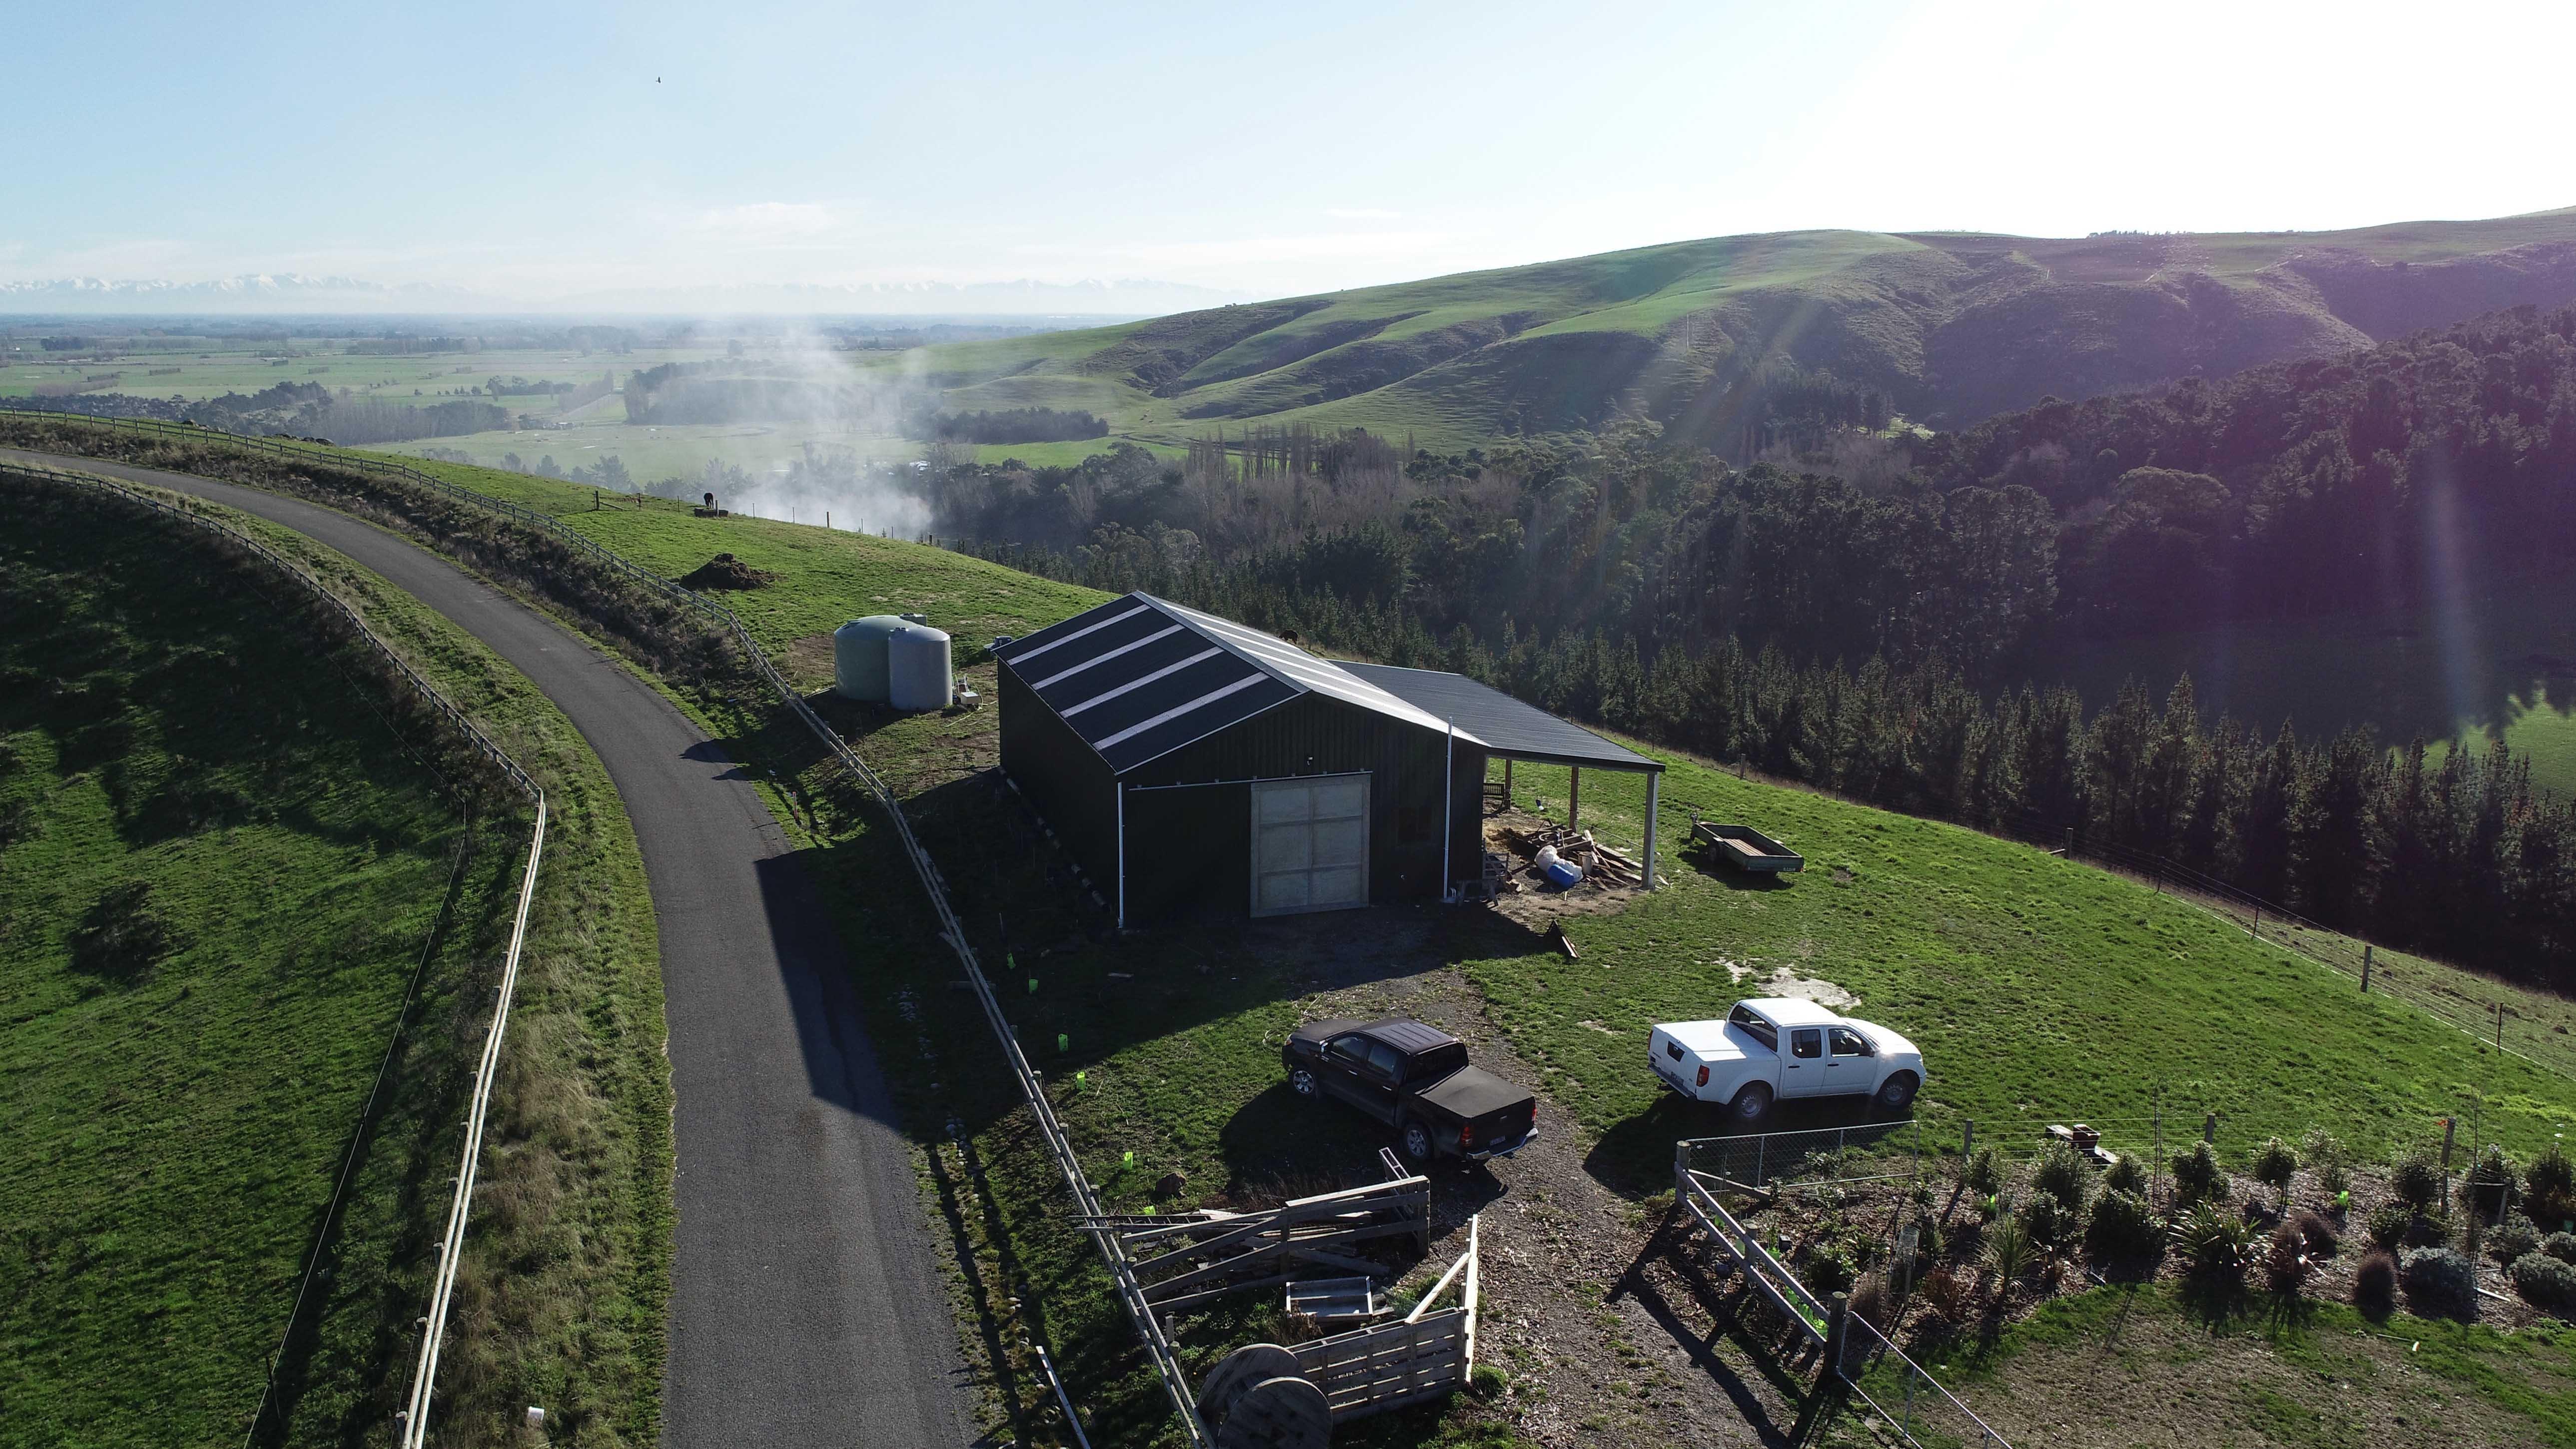 Large shed for distilling